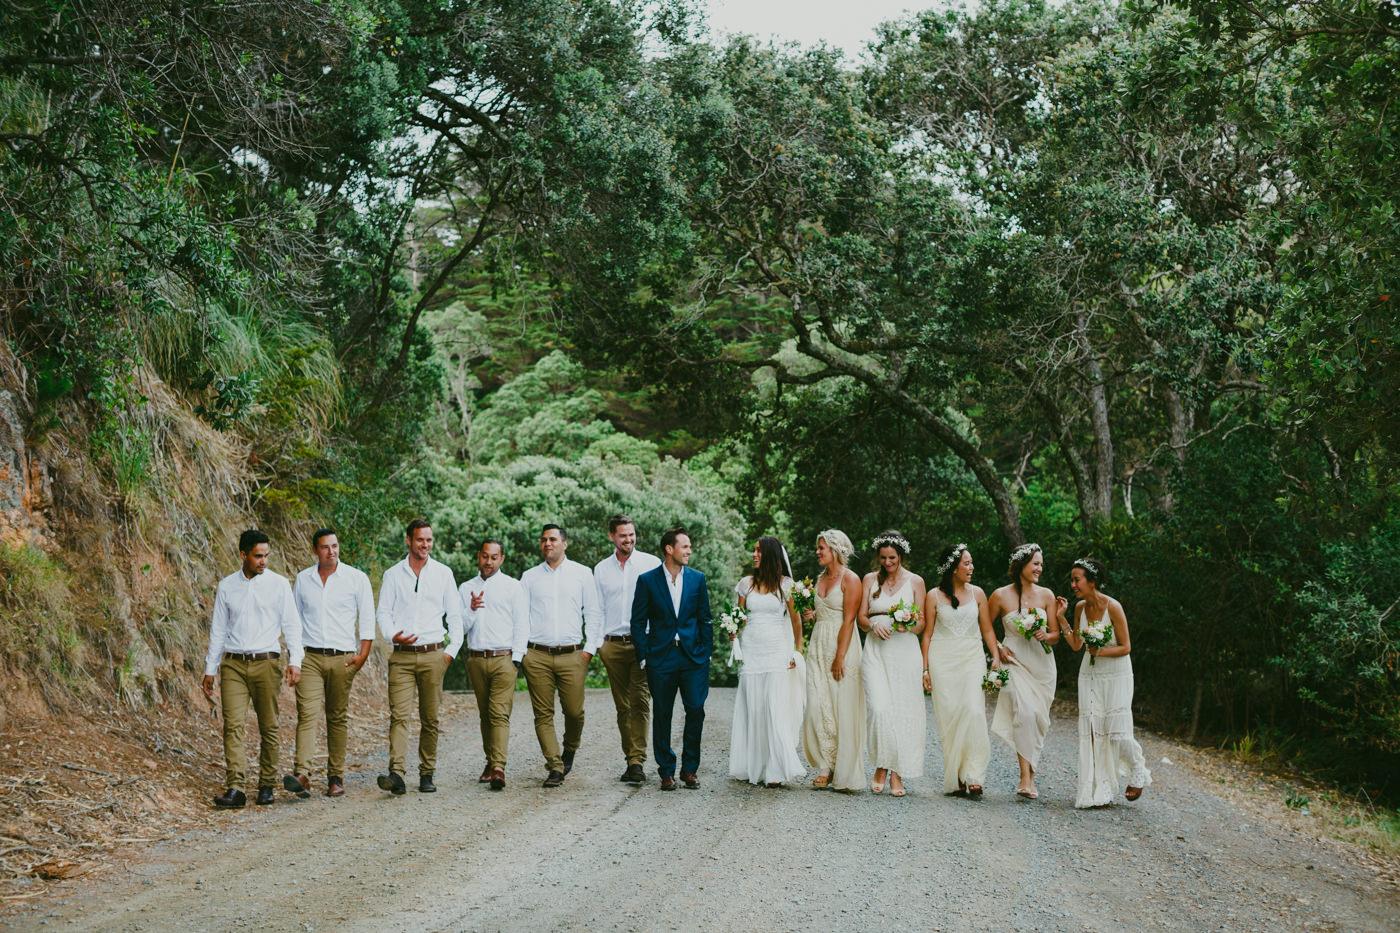 064z_auckland_leigh_wedding_photos.jpg